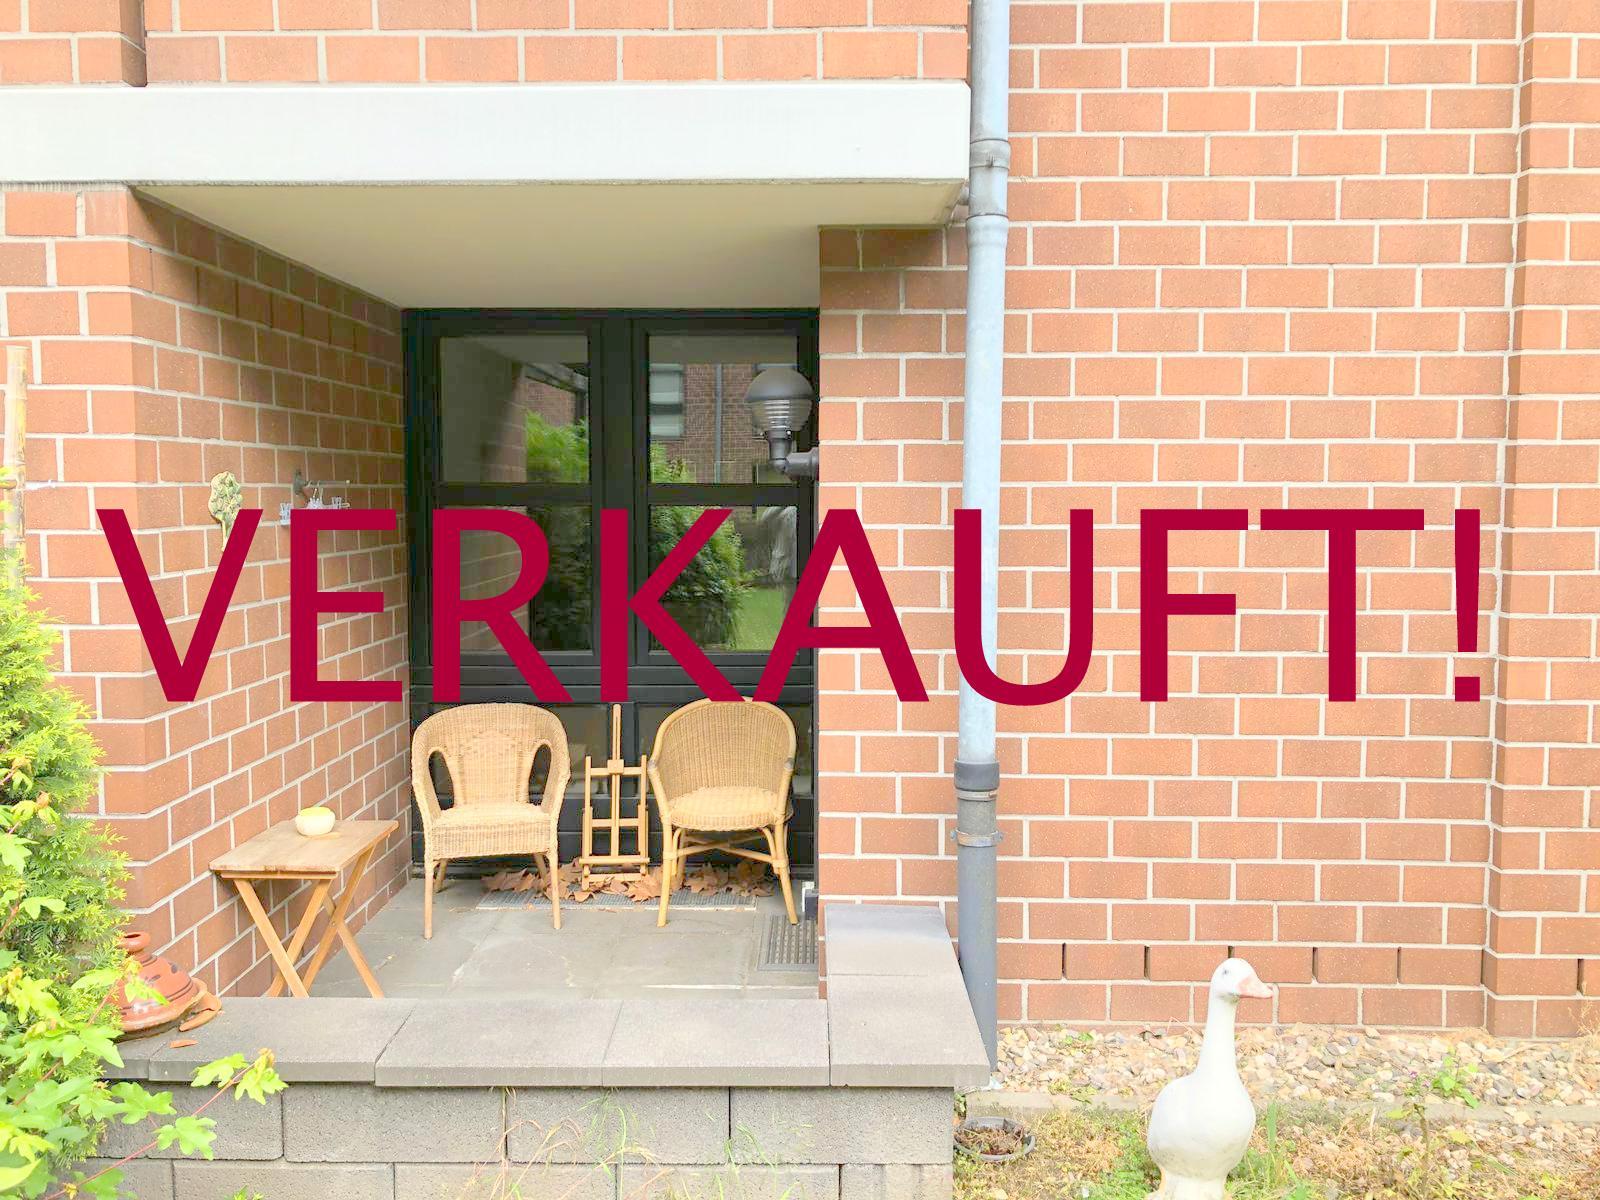 VERKAUFT! Komfortable Eigentumswohnung (Hochparterre) mit Loggia und Tiefgaragenstellplatz in Unterrath